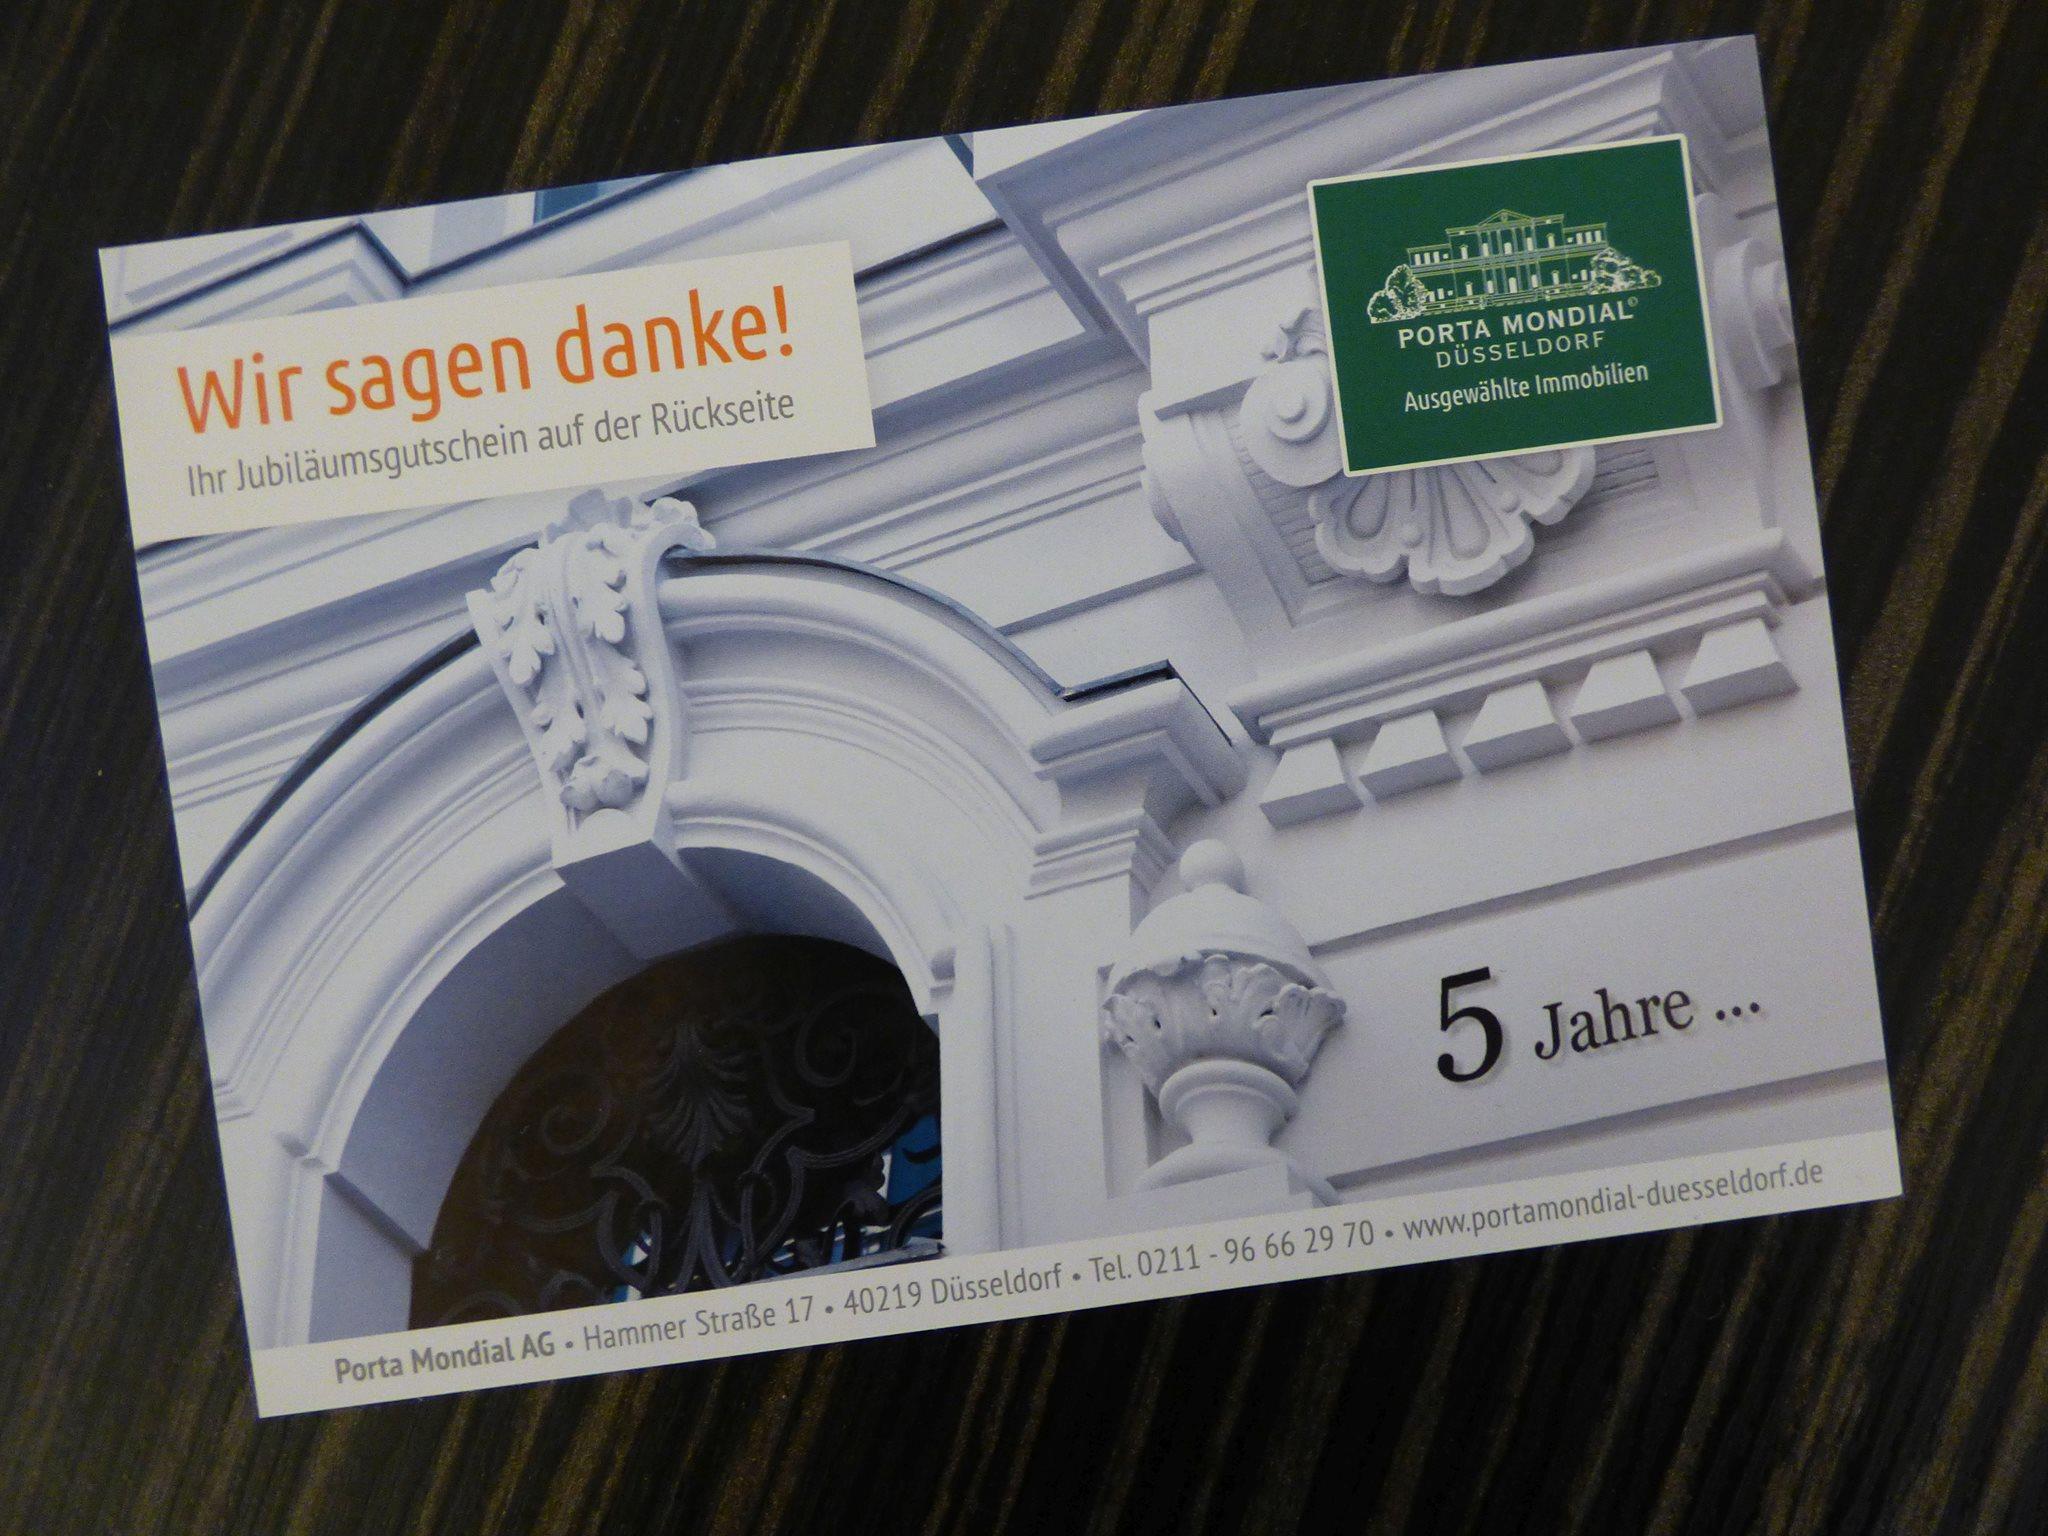 Porta Mondial comenzó su andadura en Düsseldorf hace cinco años. Actualmente su sistema de franquicias comprende cinco oficinas en Renania del Norte-Westfalia.